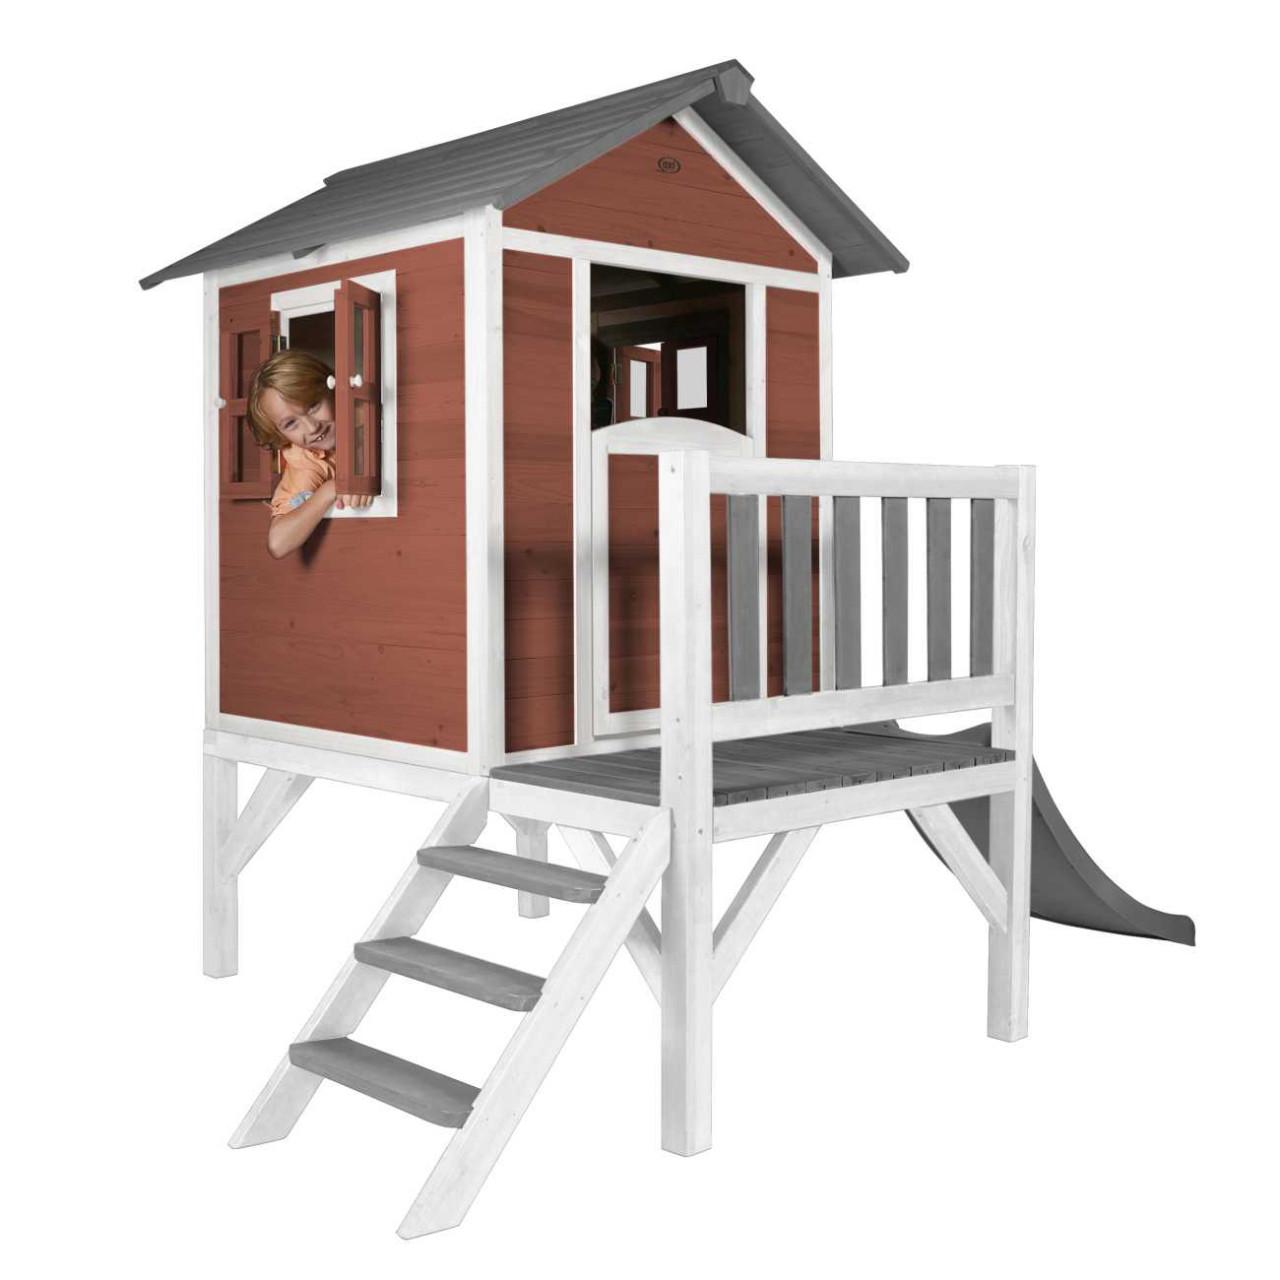 Stelzenhaus Lodge XL, Kinder, Spielhaus, mit Rutsche